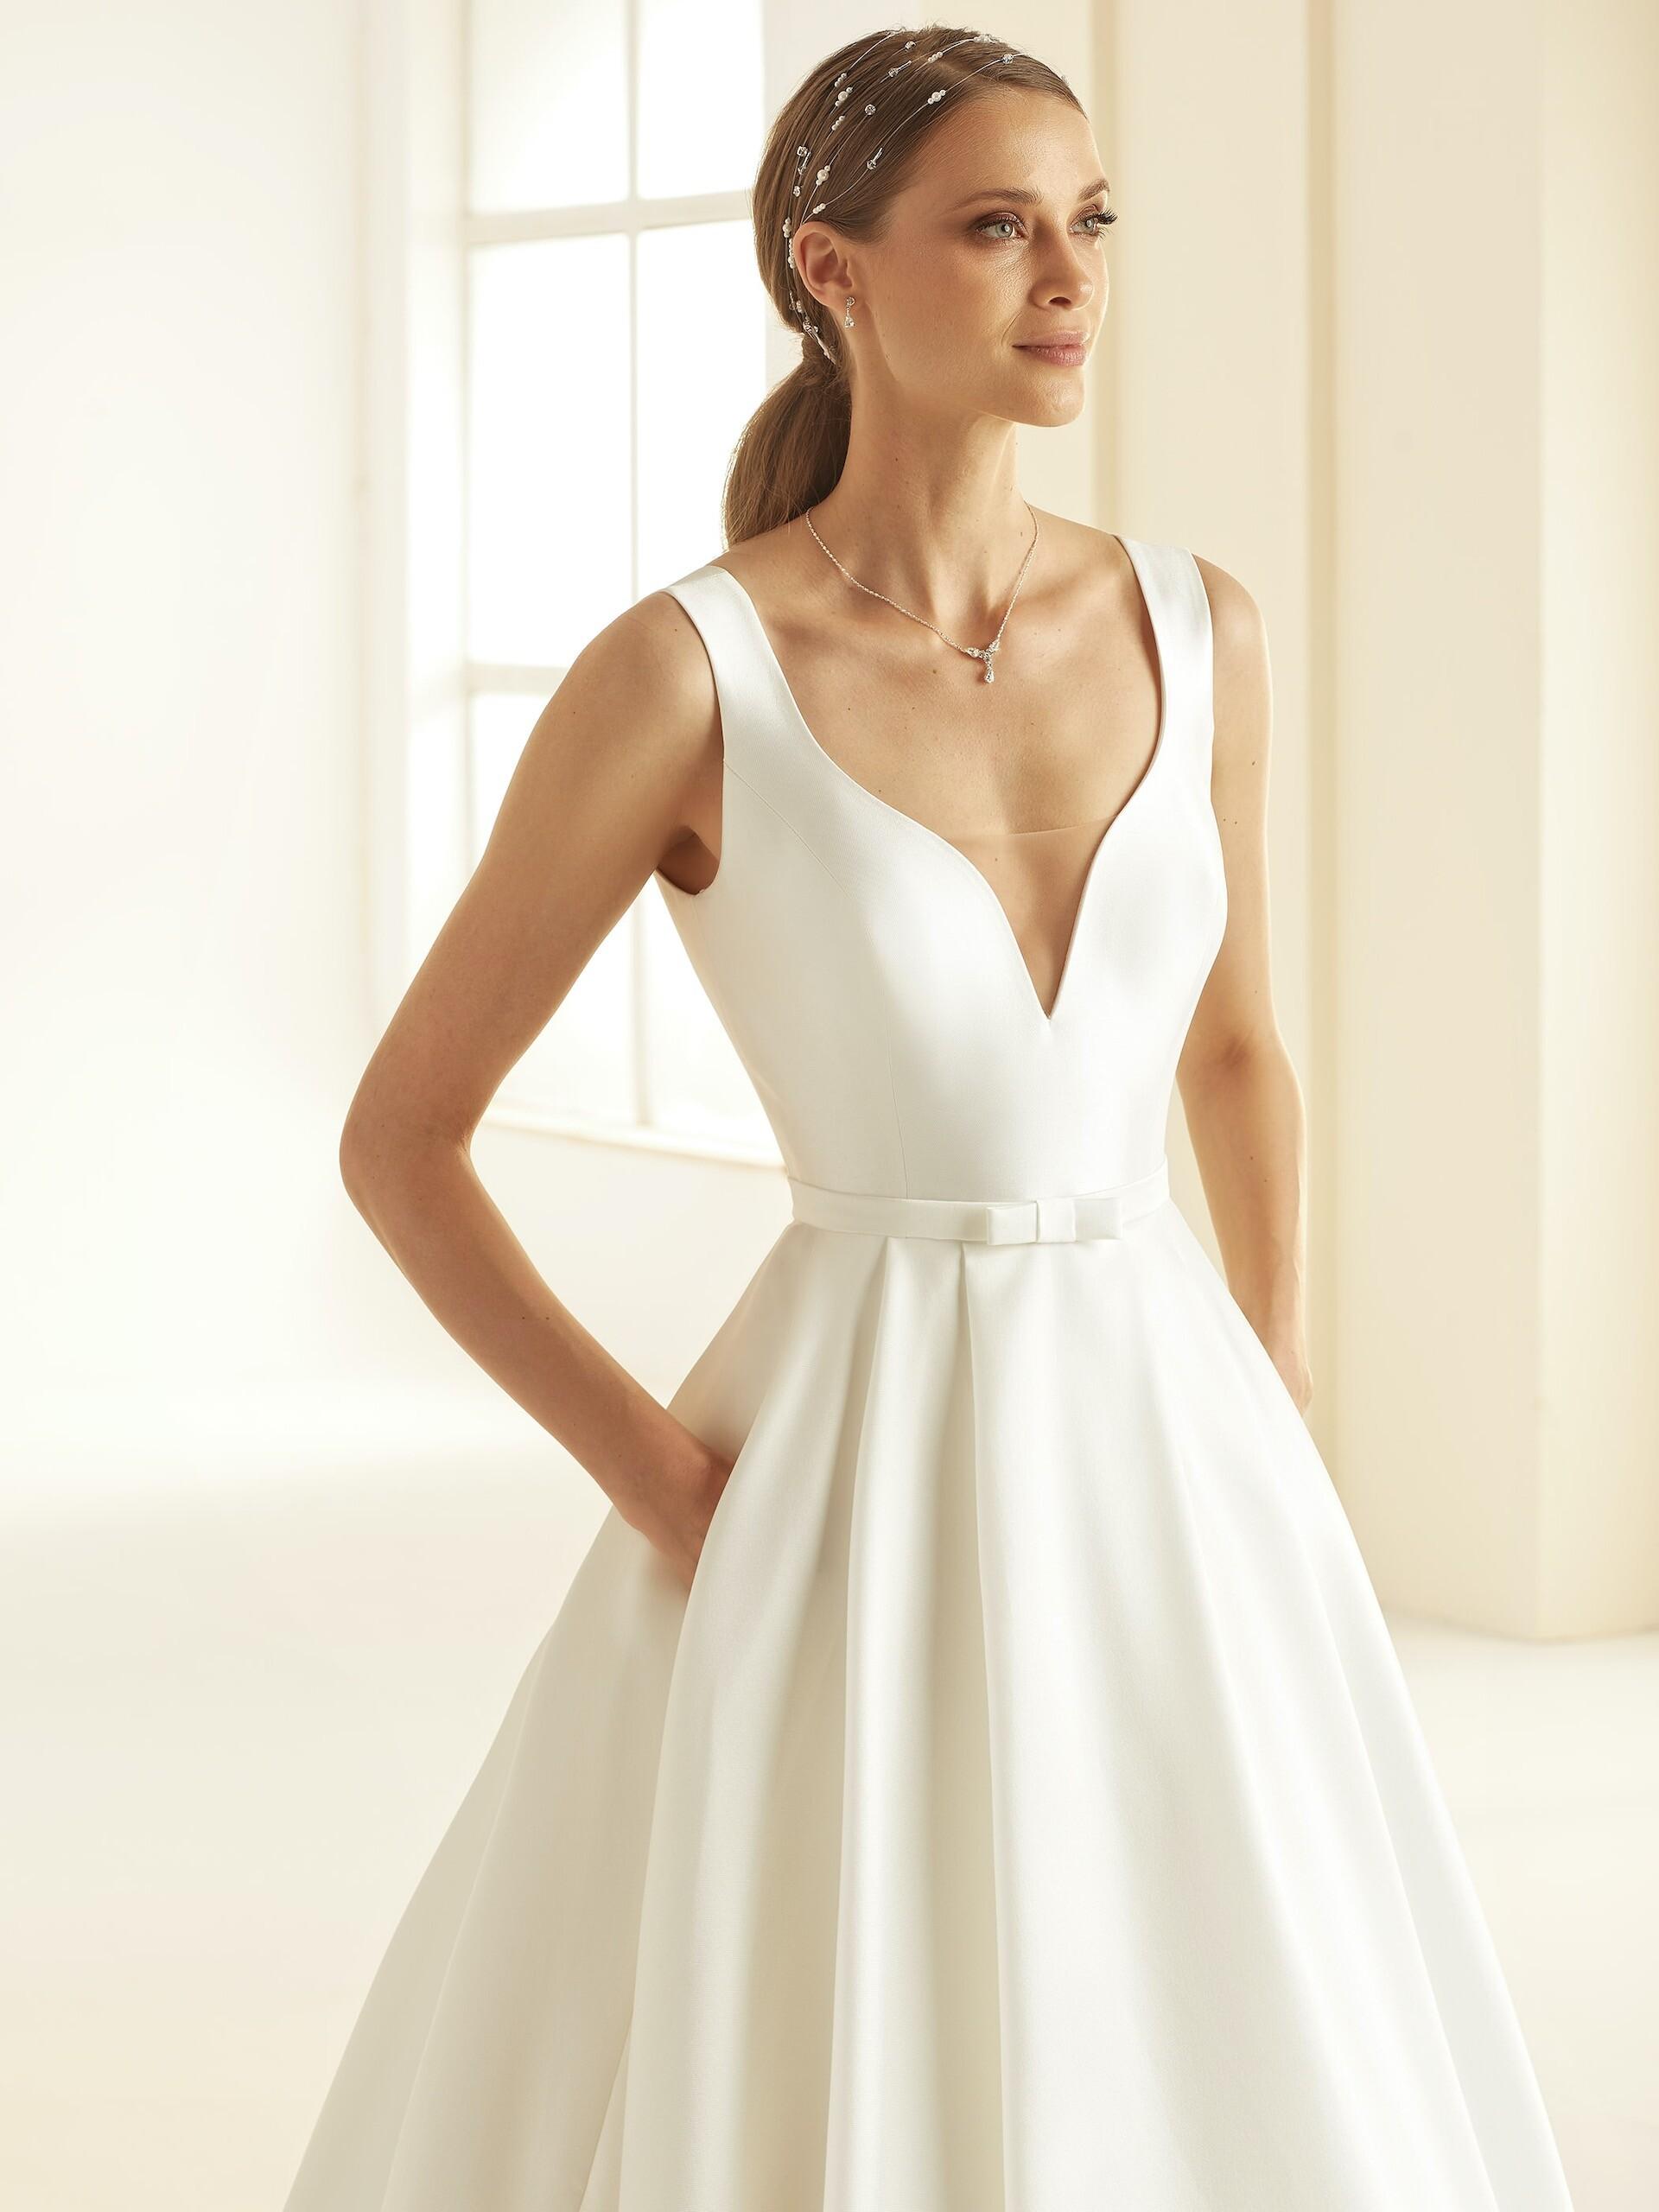 Brautkleid im Prinzessschnitt mit Plunge-Ausschnitt, Gürtel und Schleppe von Bianco Evento, Modell Jessica